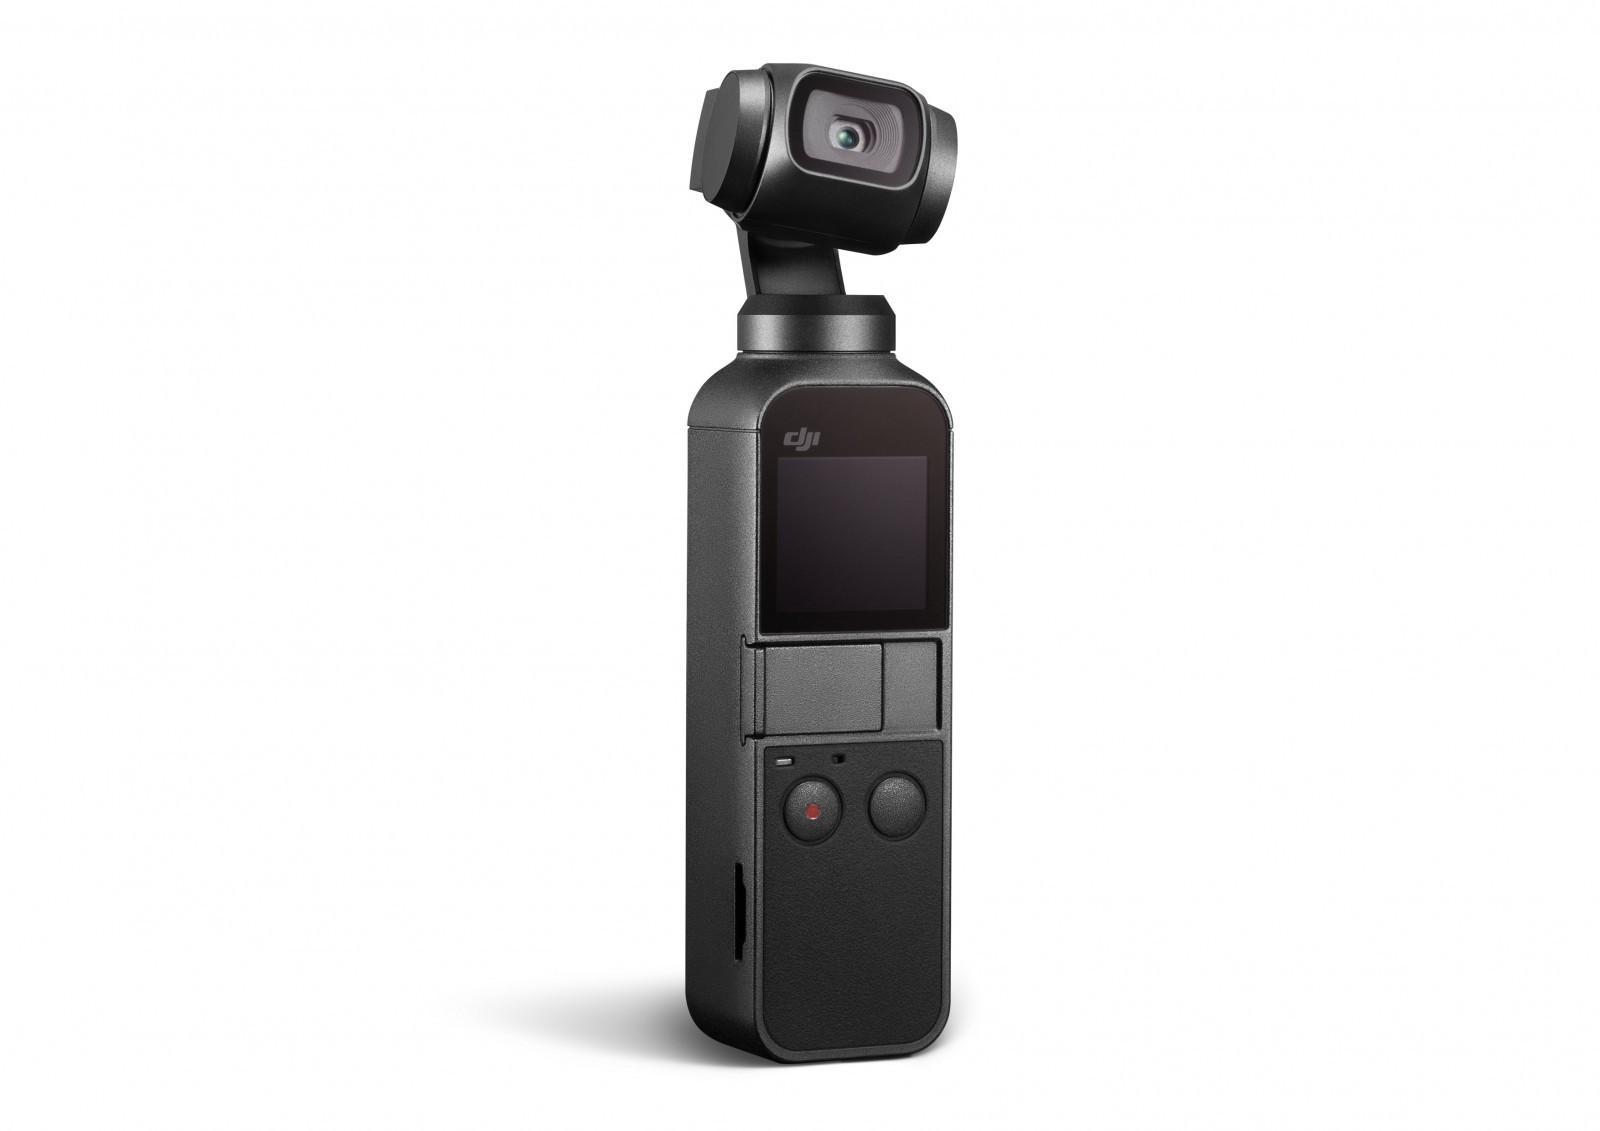 DJI Osmo Экшн-камера DJI Osmo Pocket 111111111111.jpg